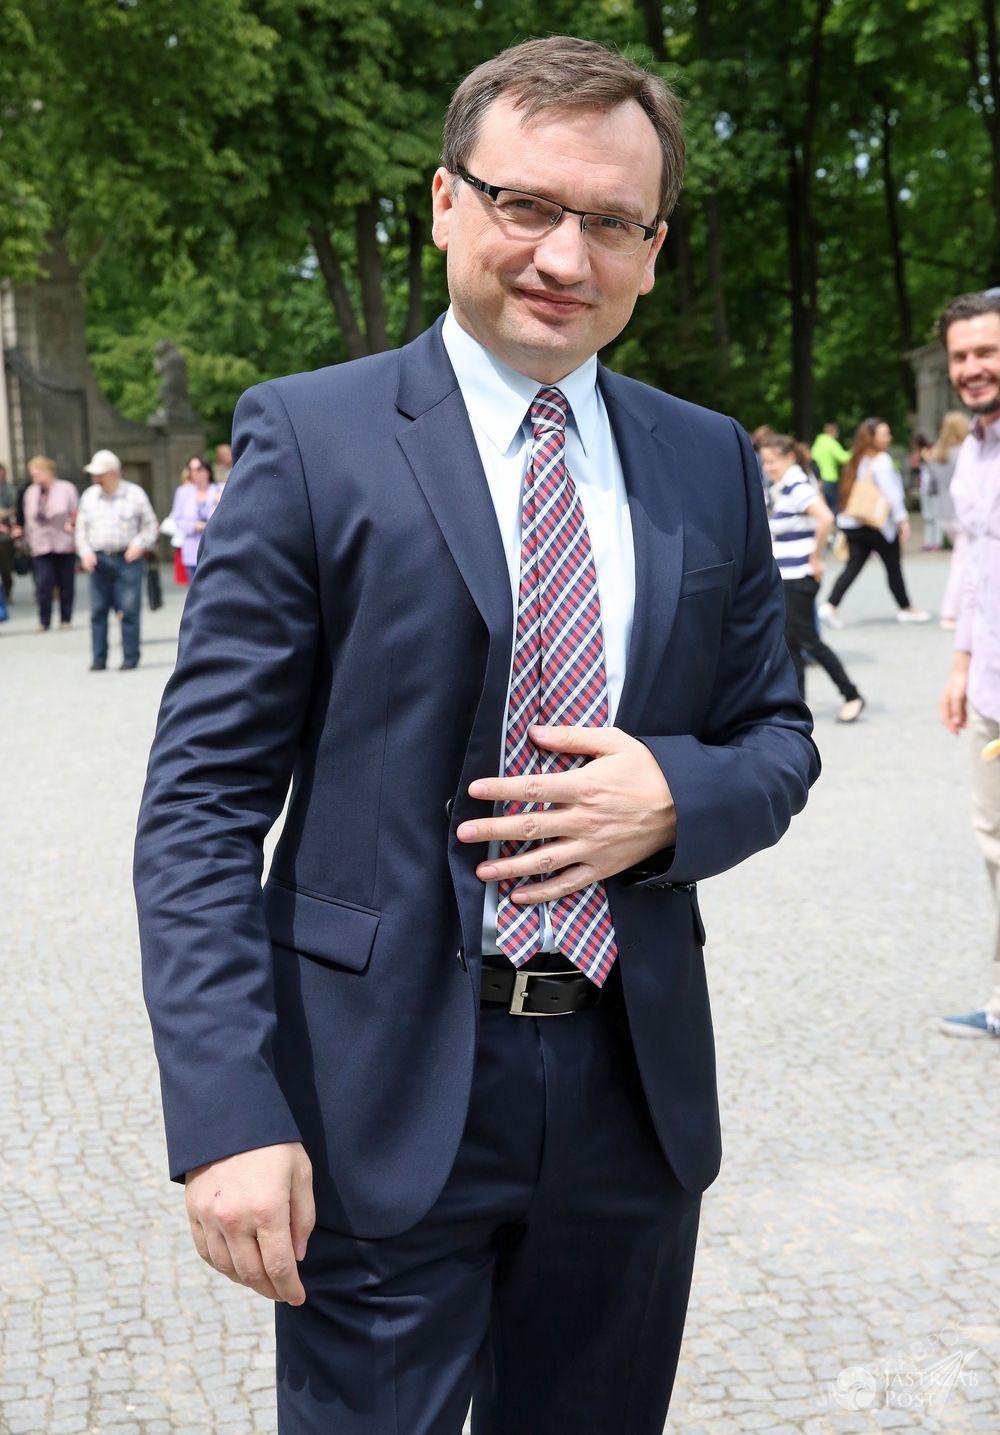 Maciej Maleńczuk skrytykował Andrzeja Dudę i Zbigniewa Ziobro